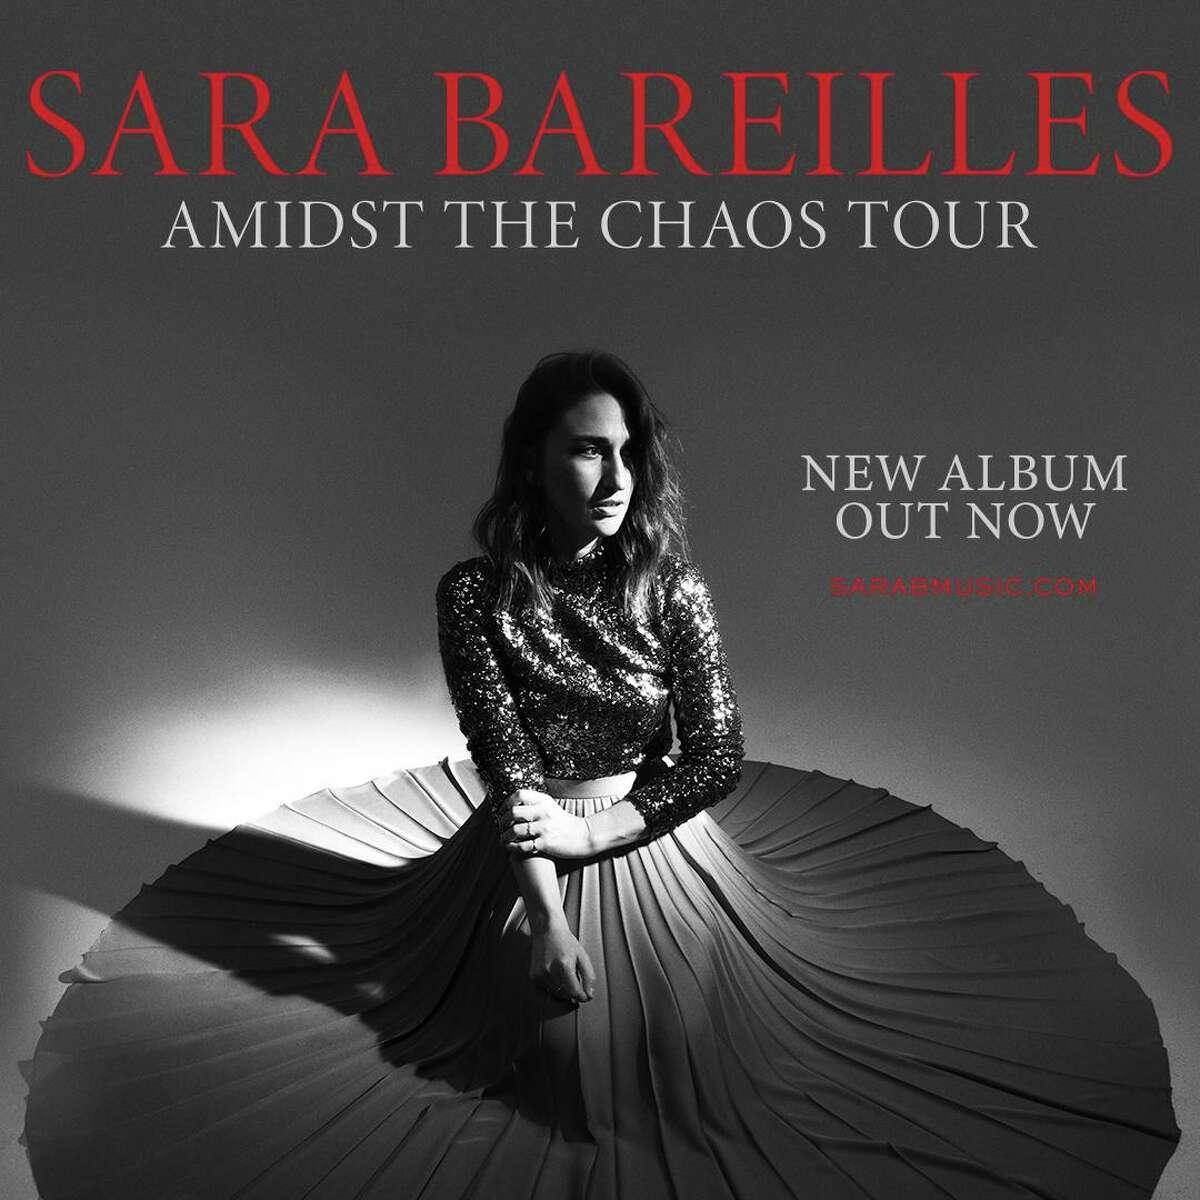 Sara Bareilles plays Mohegan Sun Arena Oct. 12.